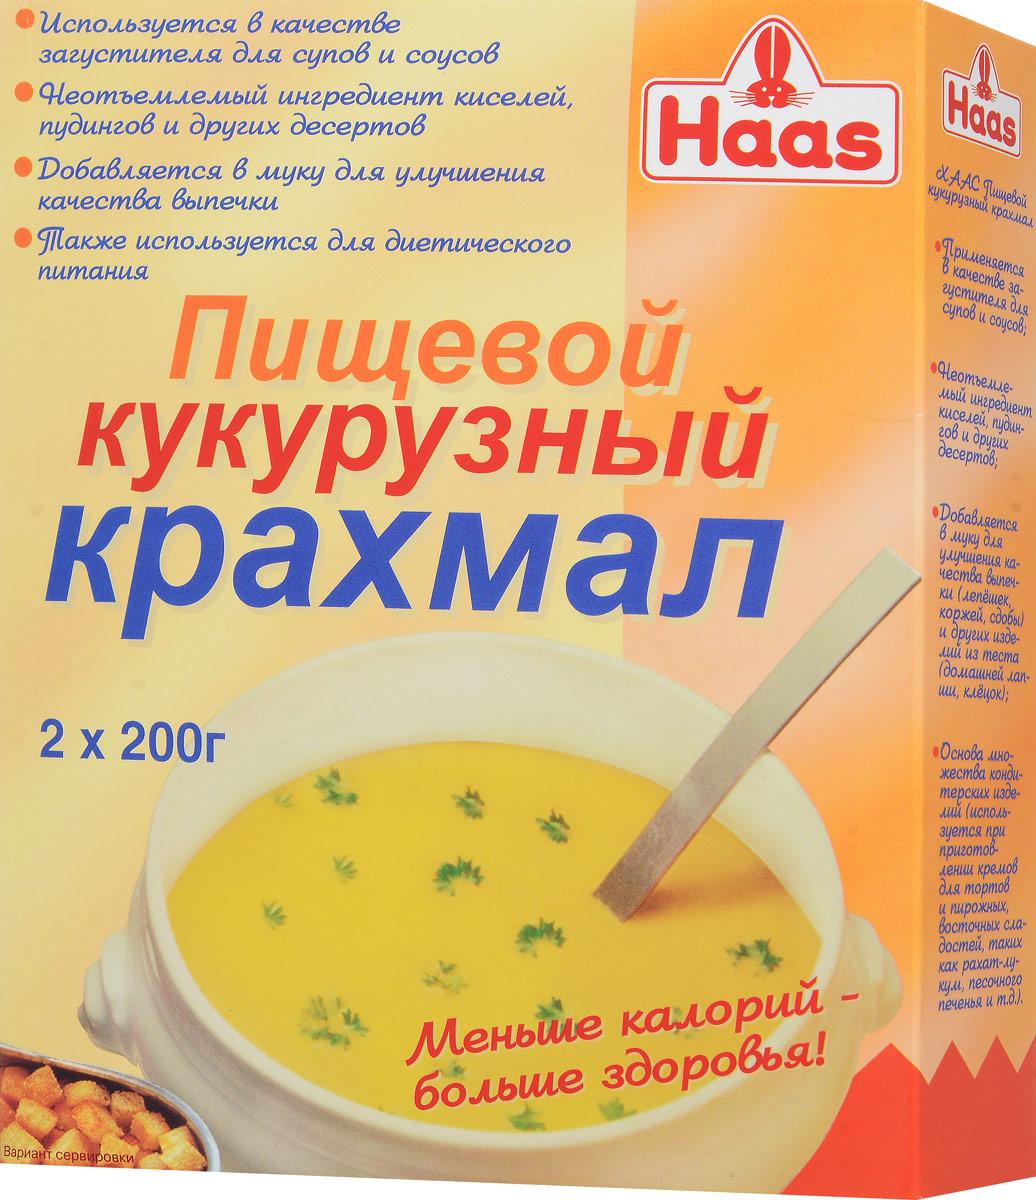 Haas кукурузный крахмал, 400 г228080Кукурузный крахмал Haas используется в качестве загустителя для супов и соусов. Добавляется в муку для улучшения качества выпечки. С пищевым крахмалом ваша выпечка будет необыкновенно легкой и рассыпчатой, а такие мучные изделия, как лапша, клецки, галушки не потеряют форму при варке, сохранят приятный аппетитный вид. Также кукурузный крахмал является неотъемлемым ингредиентом киселей, пудингов и других десертов. Можно использовать для диетического питания.